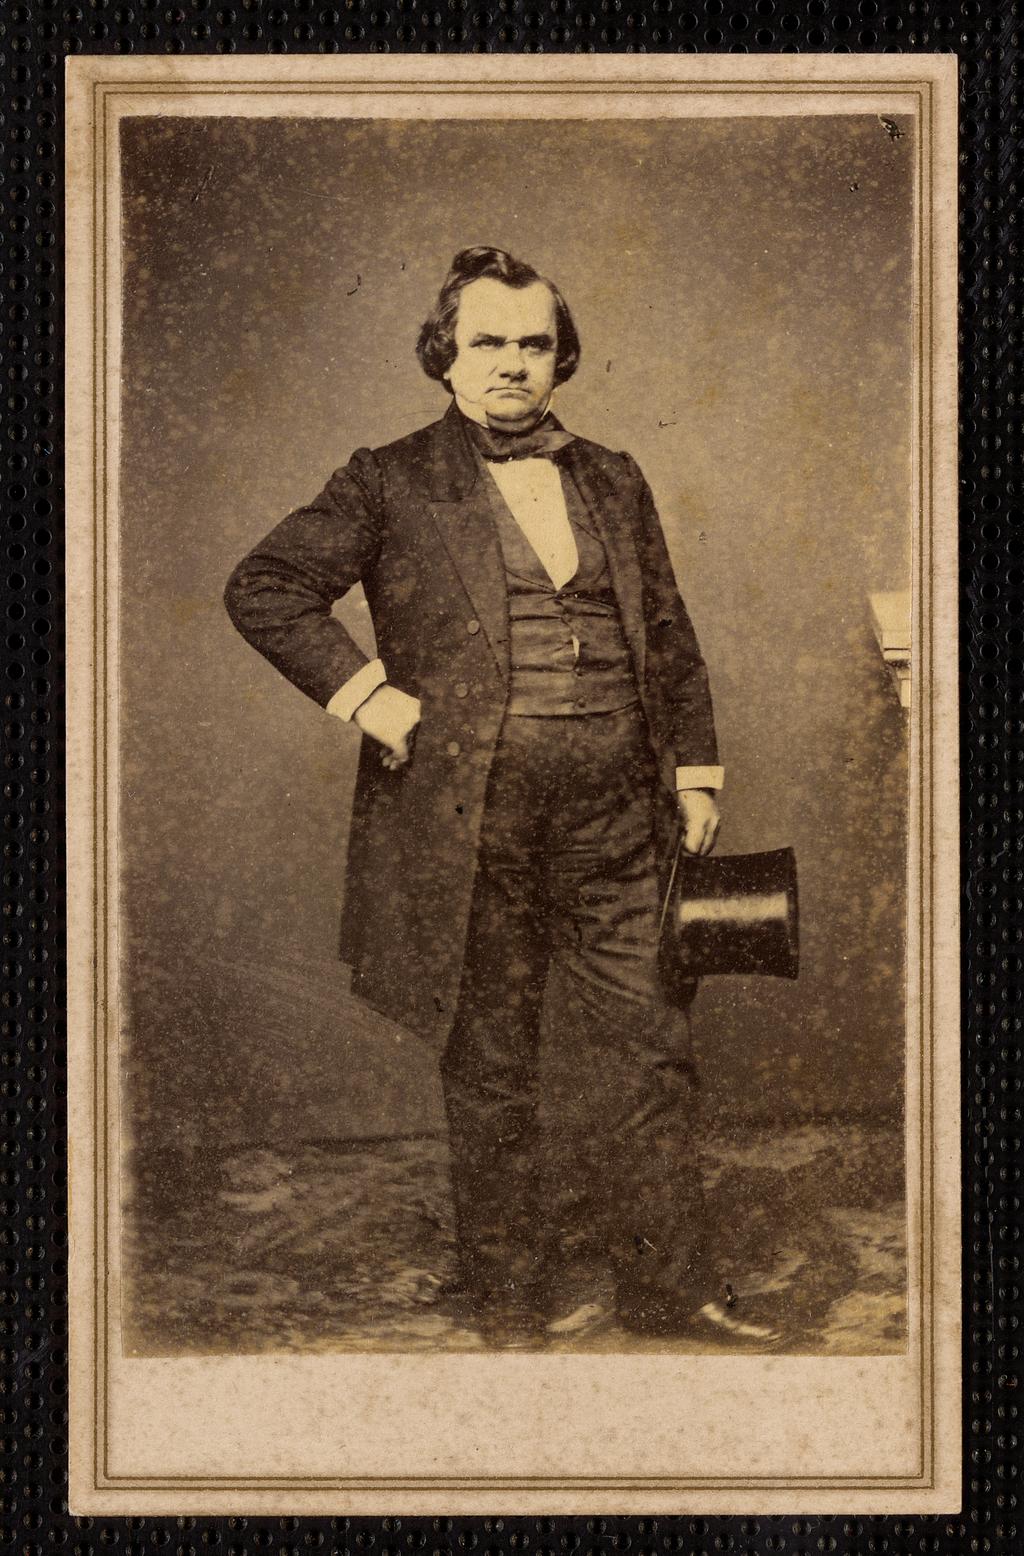 Сенатор от штата Иллинойс Стивен А. Дуглас